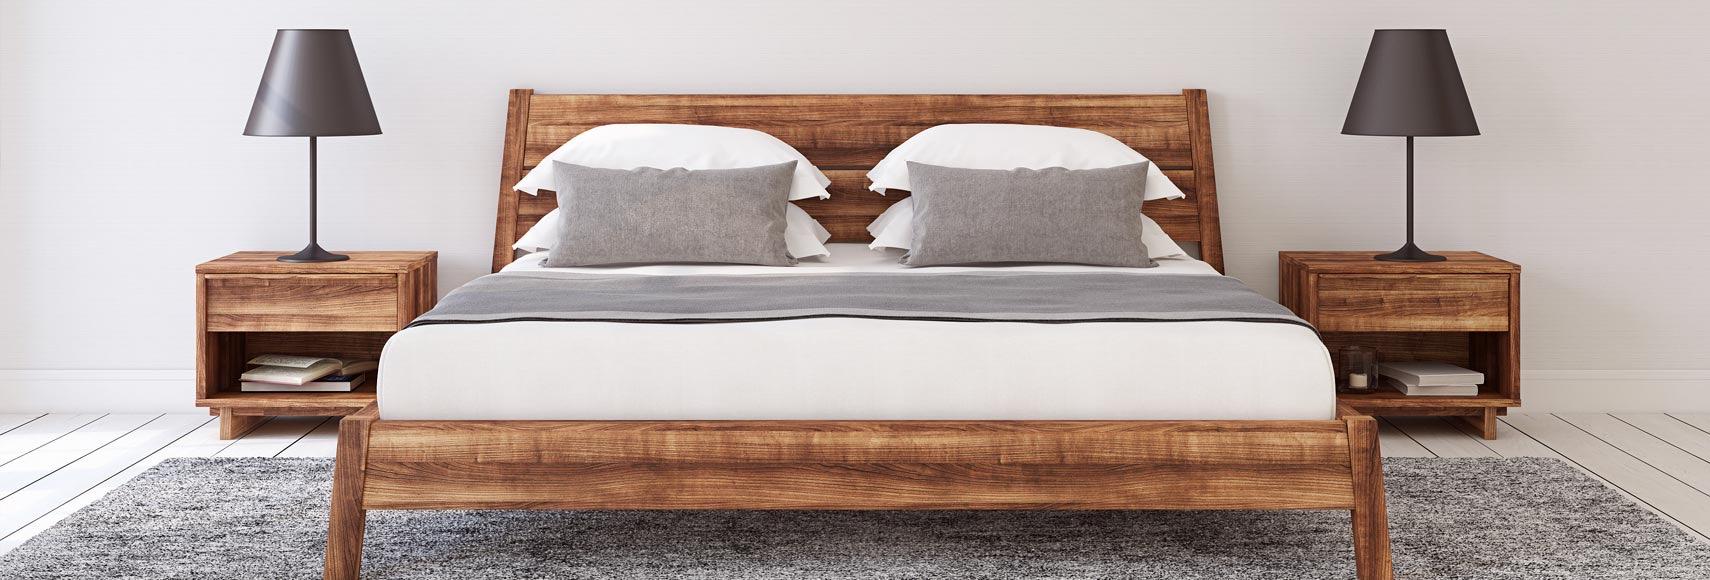 massief houten bed kopen online